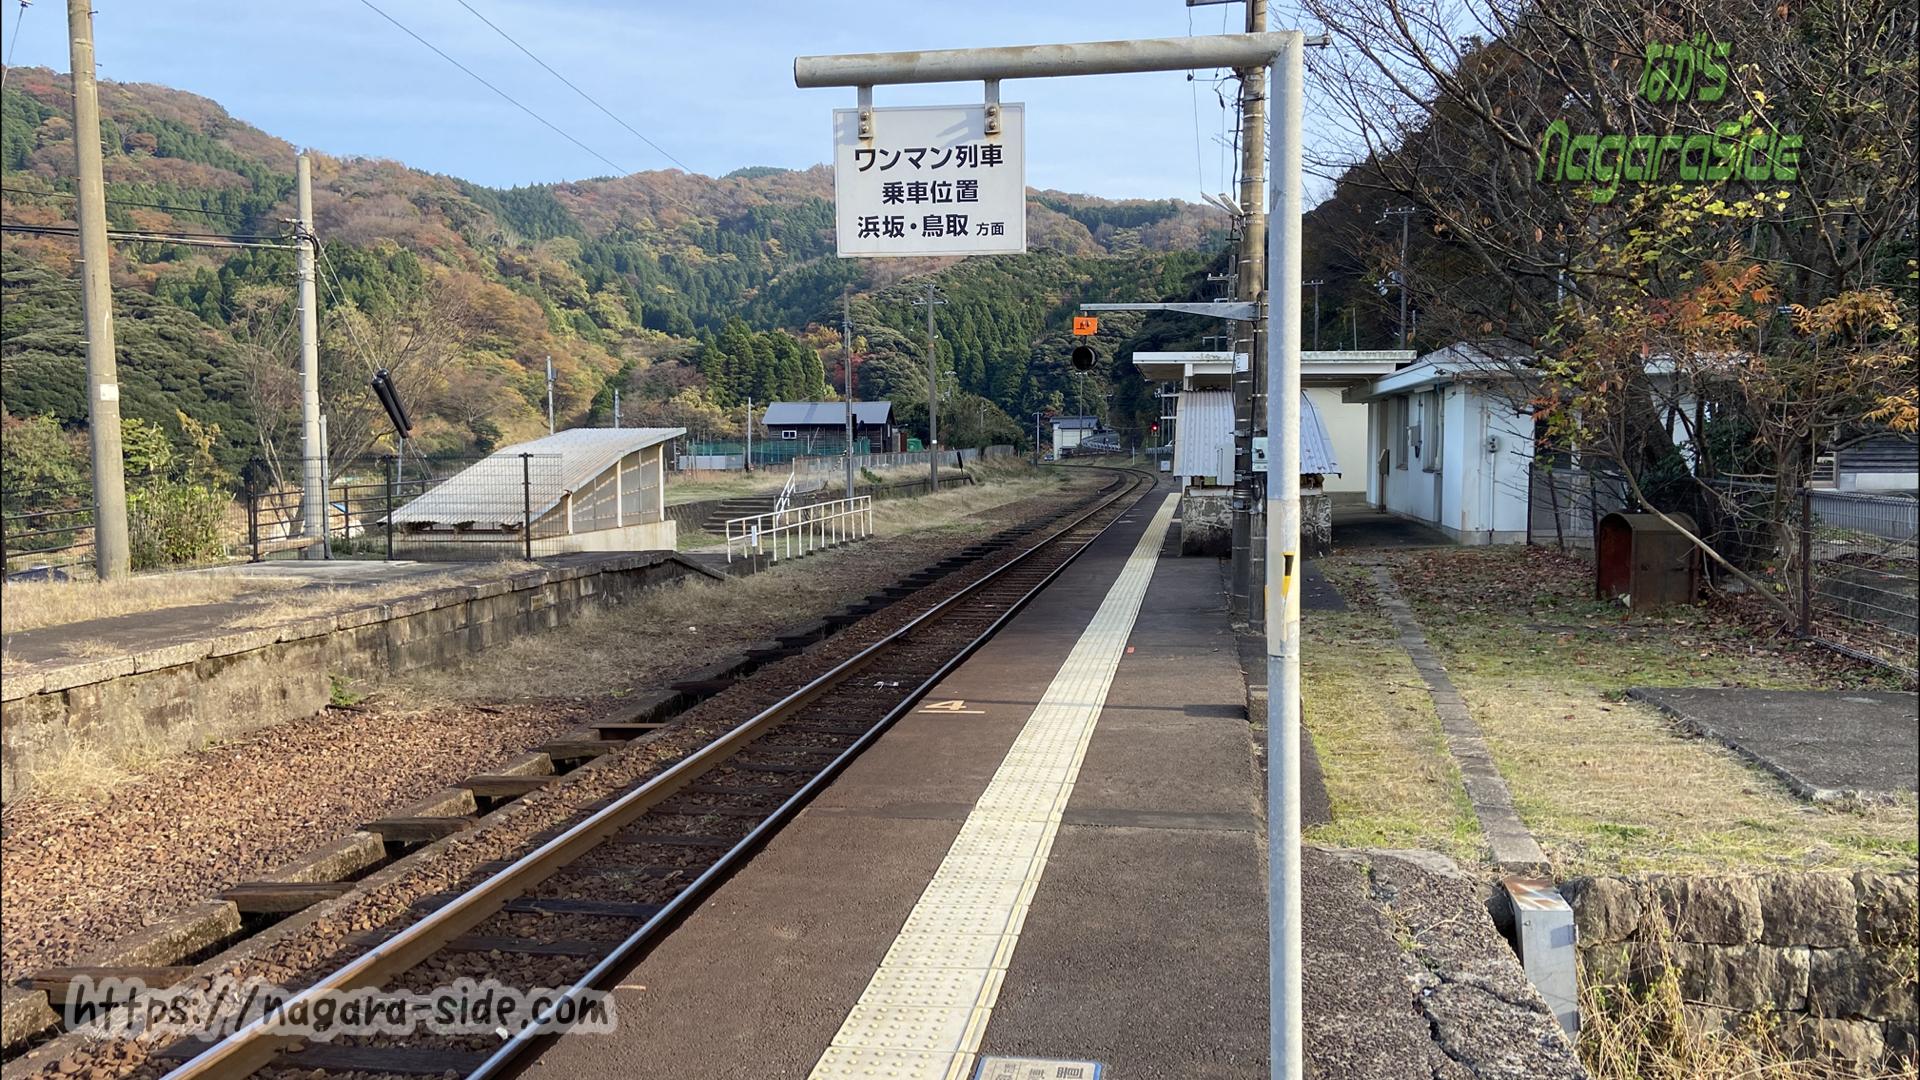 長いホームが残る山陰本線鎧駅